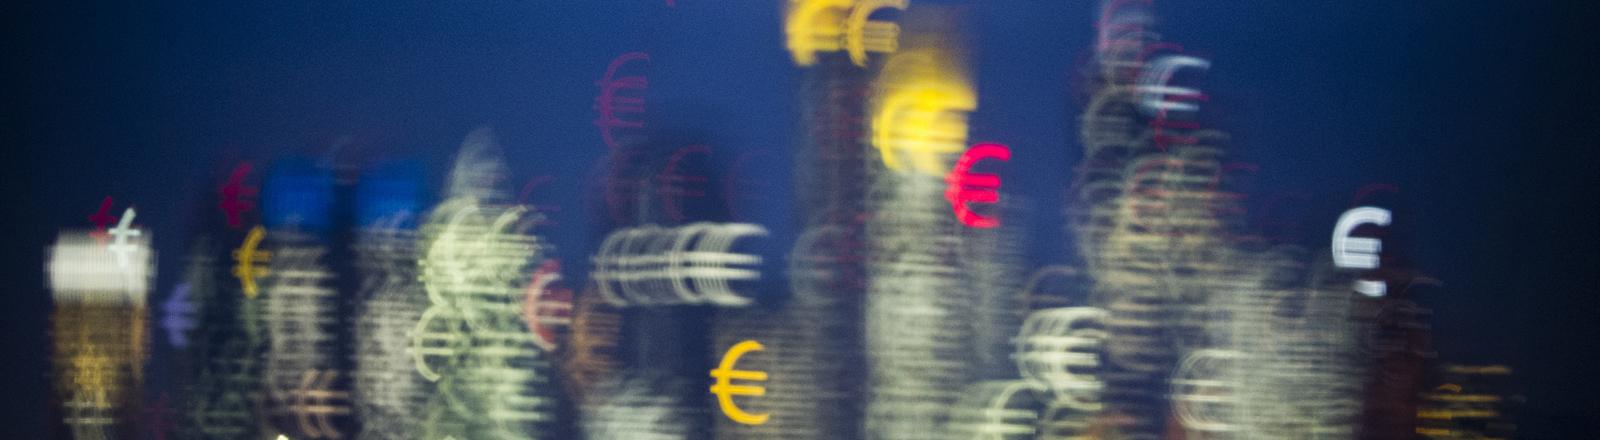 Die Bankentürme von Frankfurt am Main (Hessen) scheinen kurz nach Sonnenuntergang aus vielen kleinen Eurozeichen zu bestehen, aufgenommen am 31.01.2014.